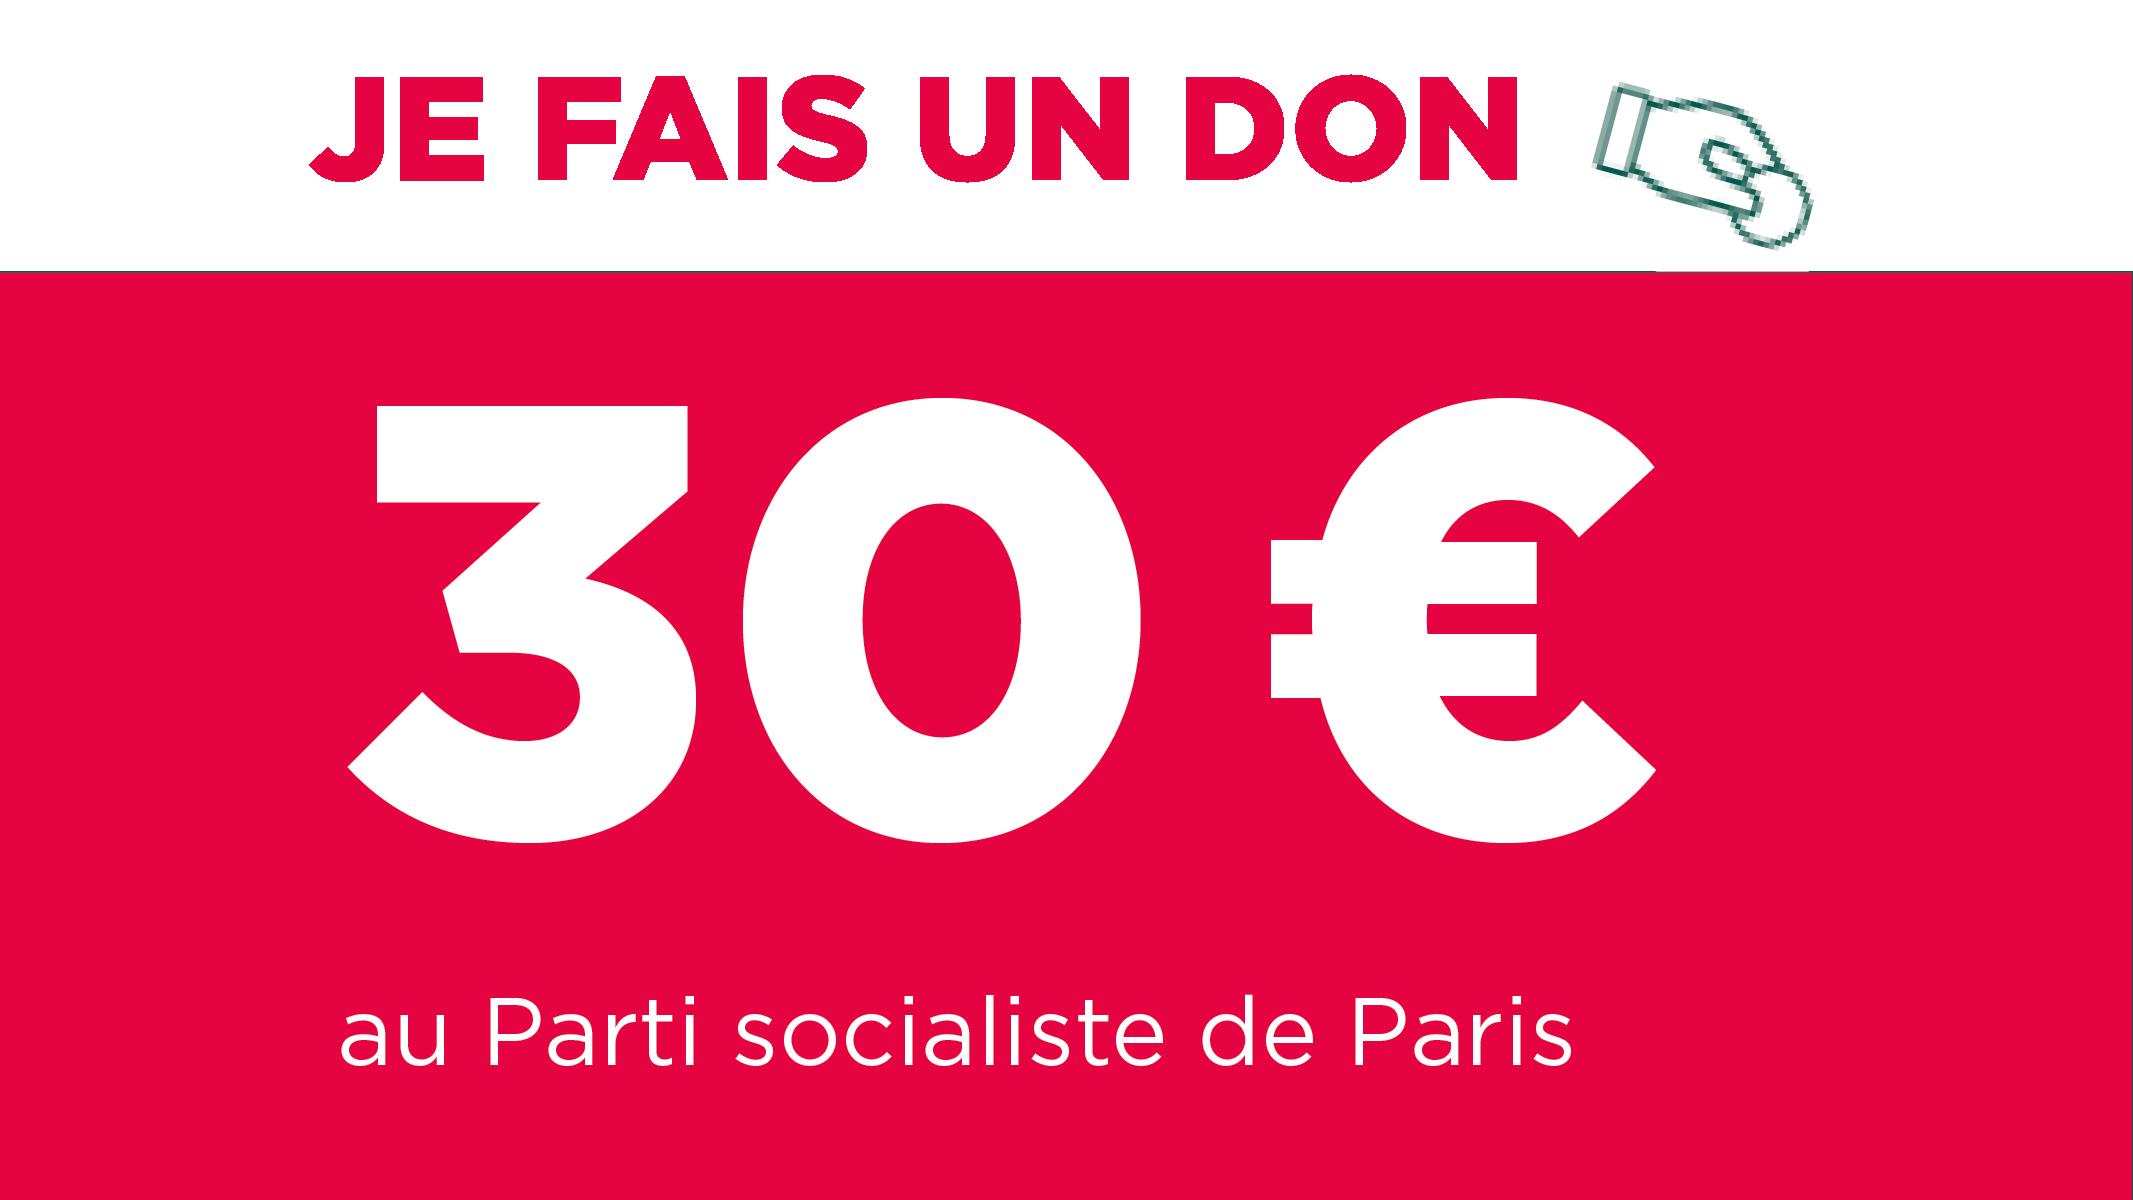 Je fais un don de 30€ au Parti socialiste de Paris